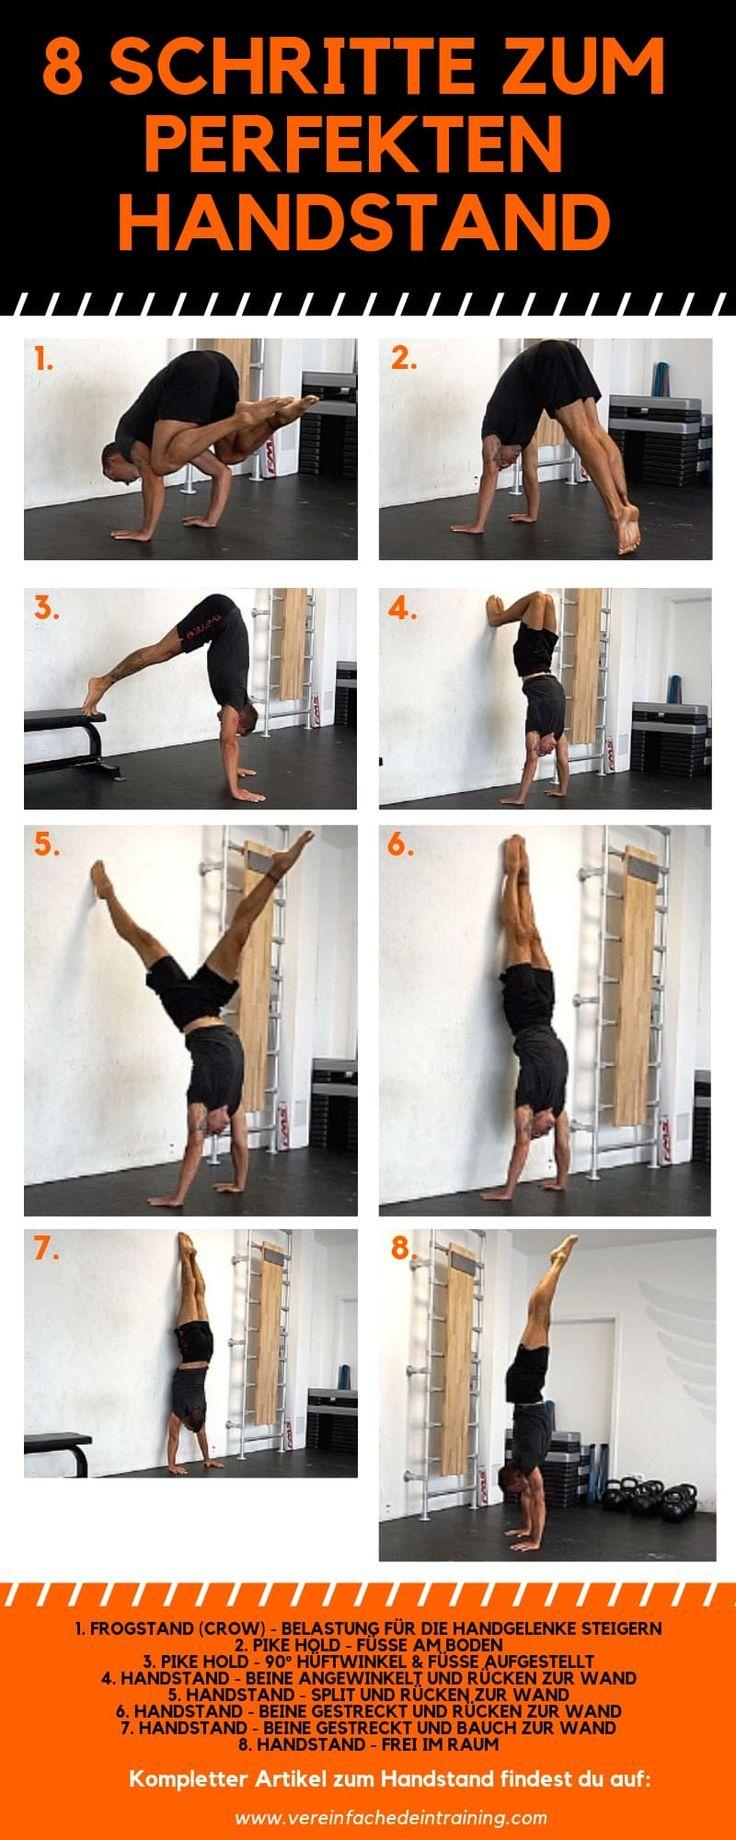 Handstand lernen – Ultimative Anleitung für den f…